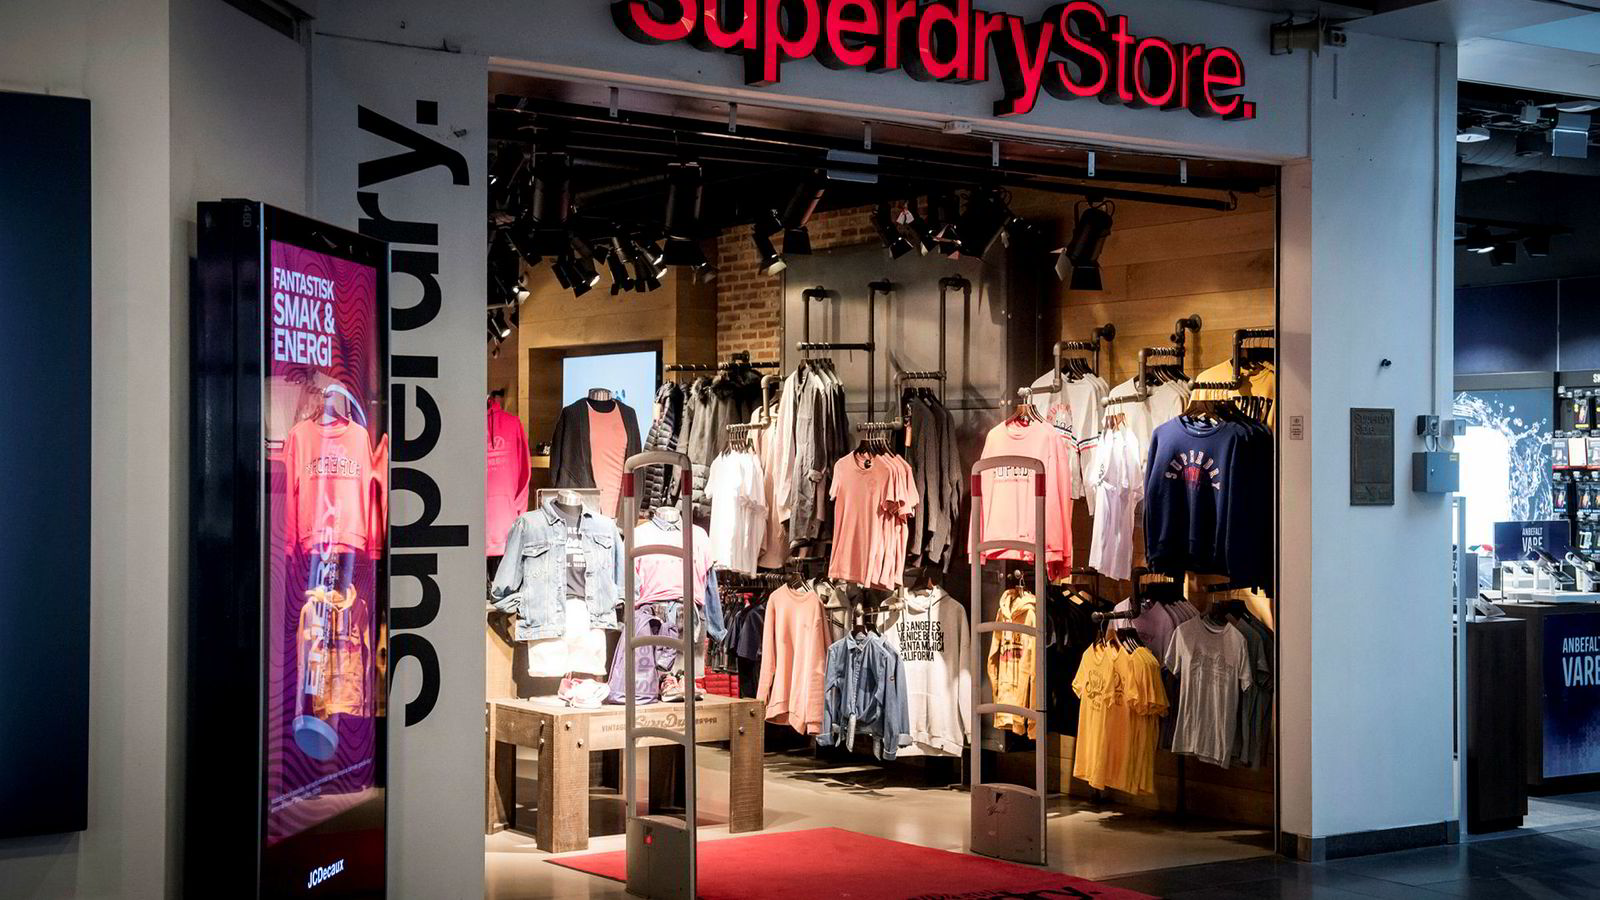 Kjedebutikkene til Superdry er konkurs. Her fra Oslo City.